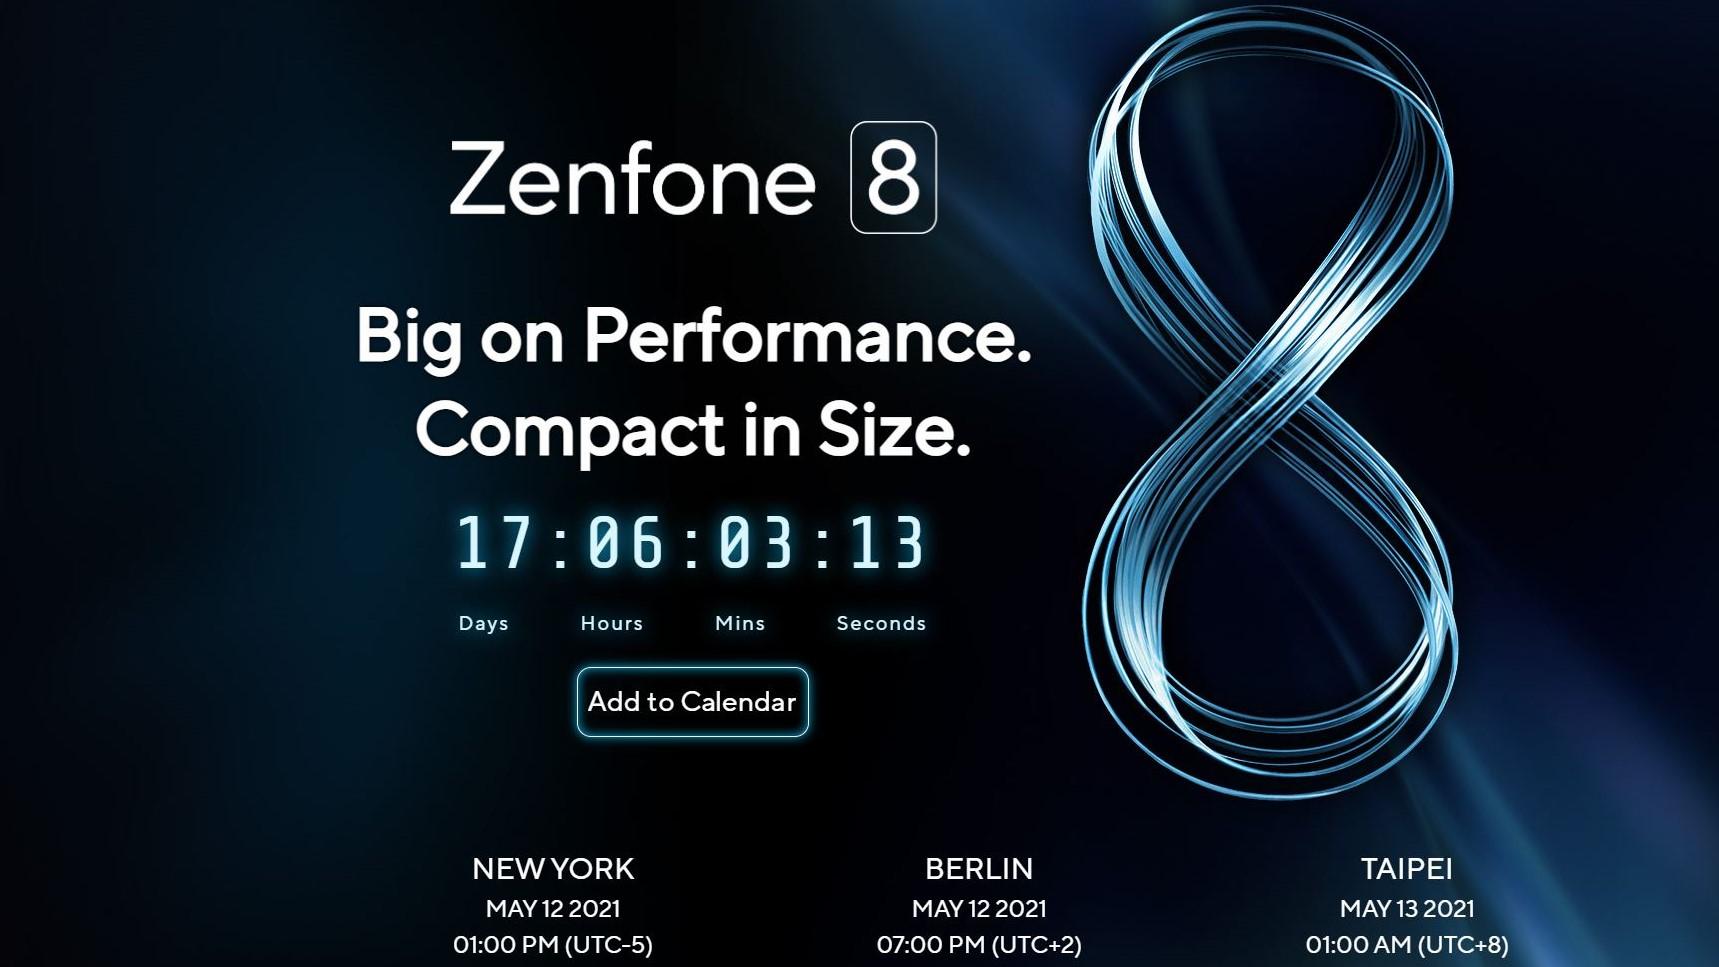 Приглашение на мероприятие Asus Zenfone 8